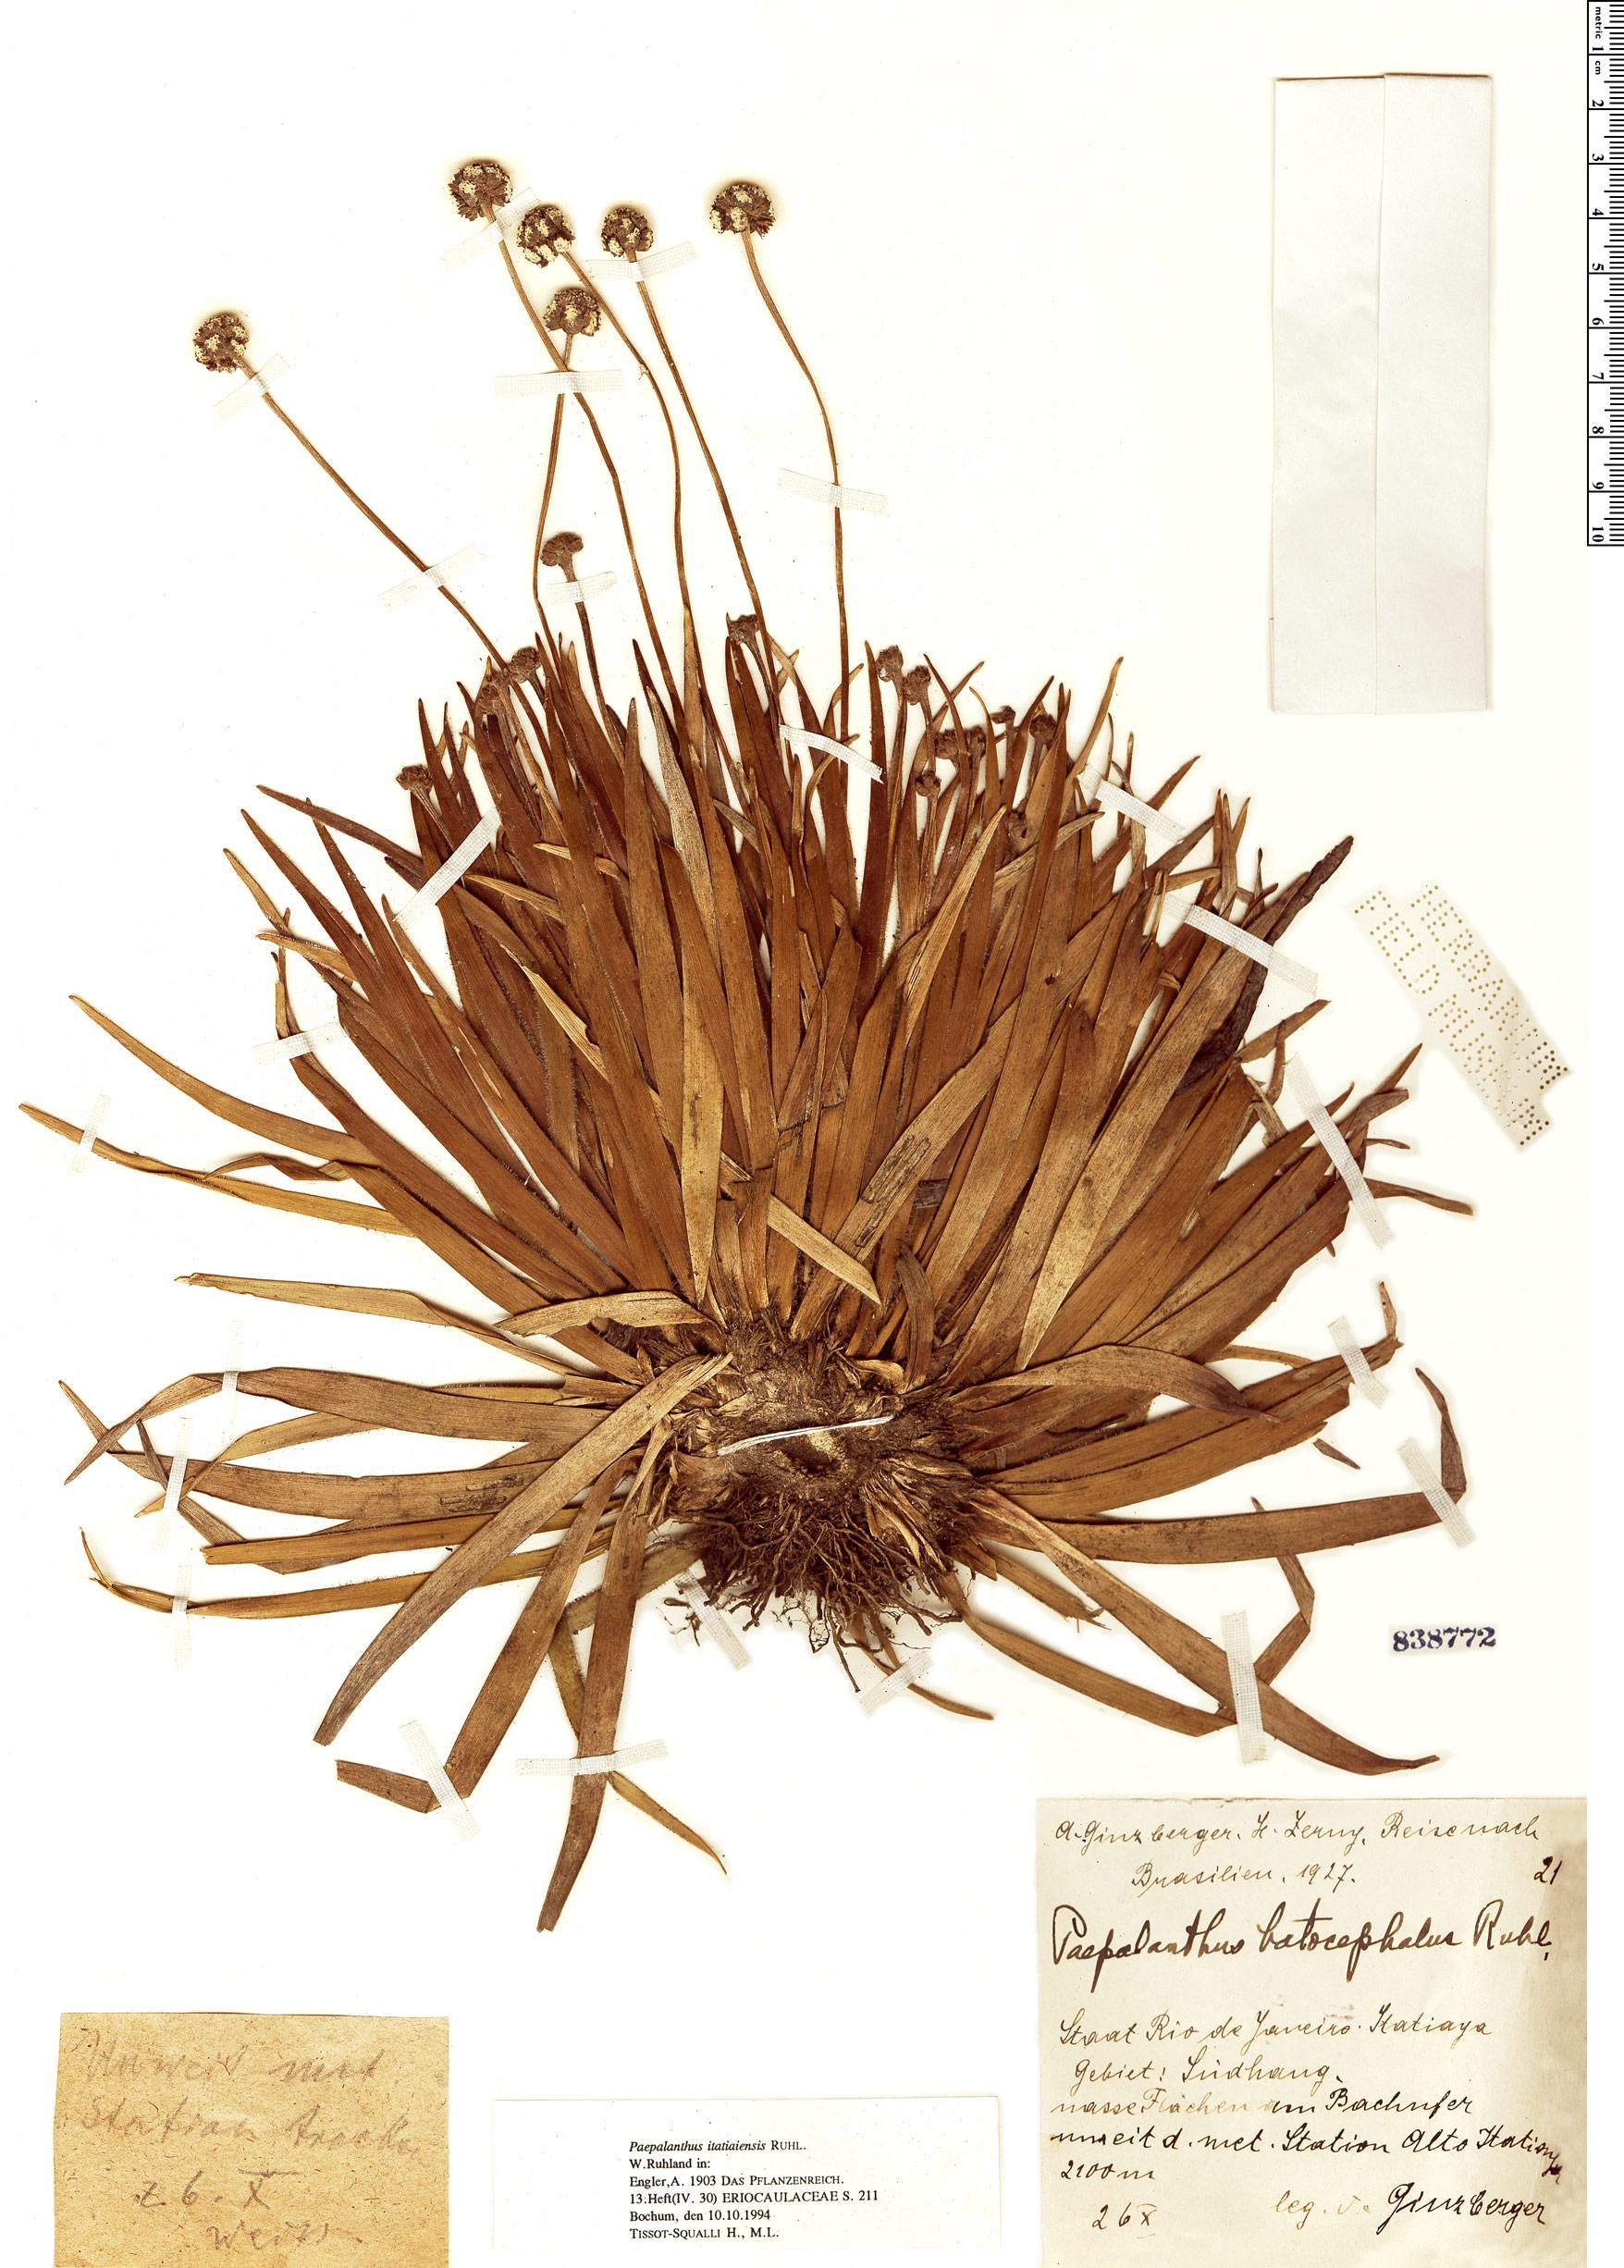 Specimen: Paepalanthus itatiaiensis